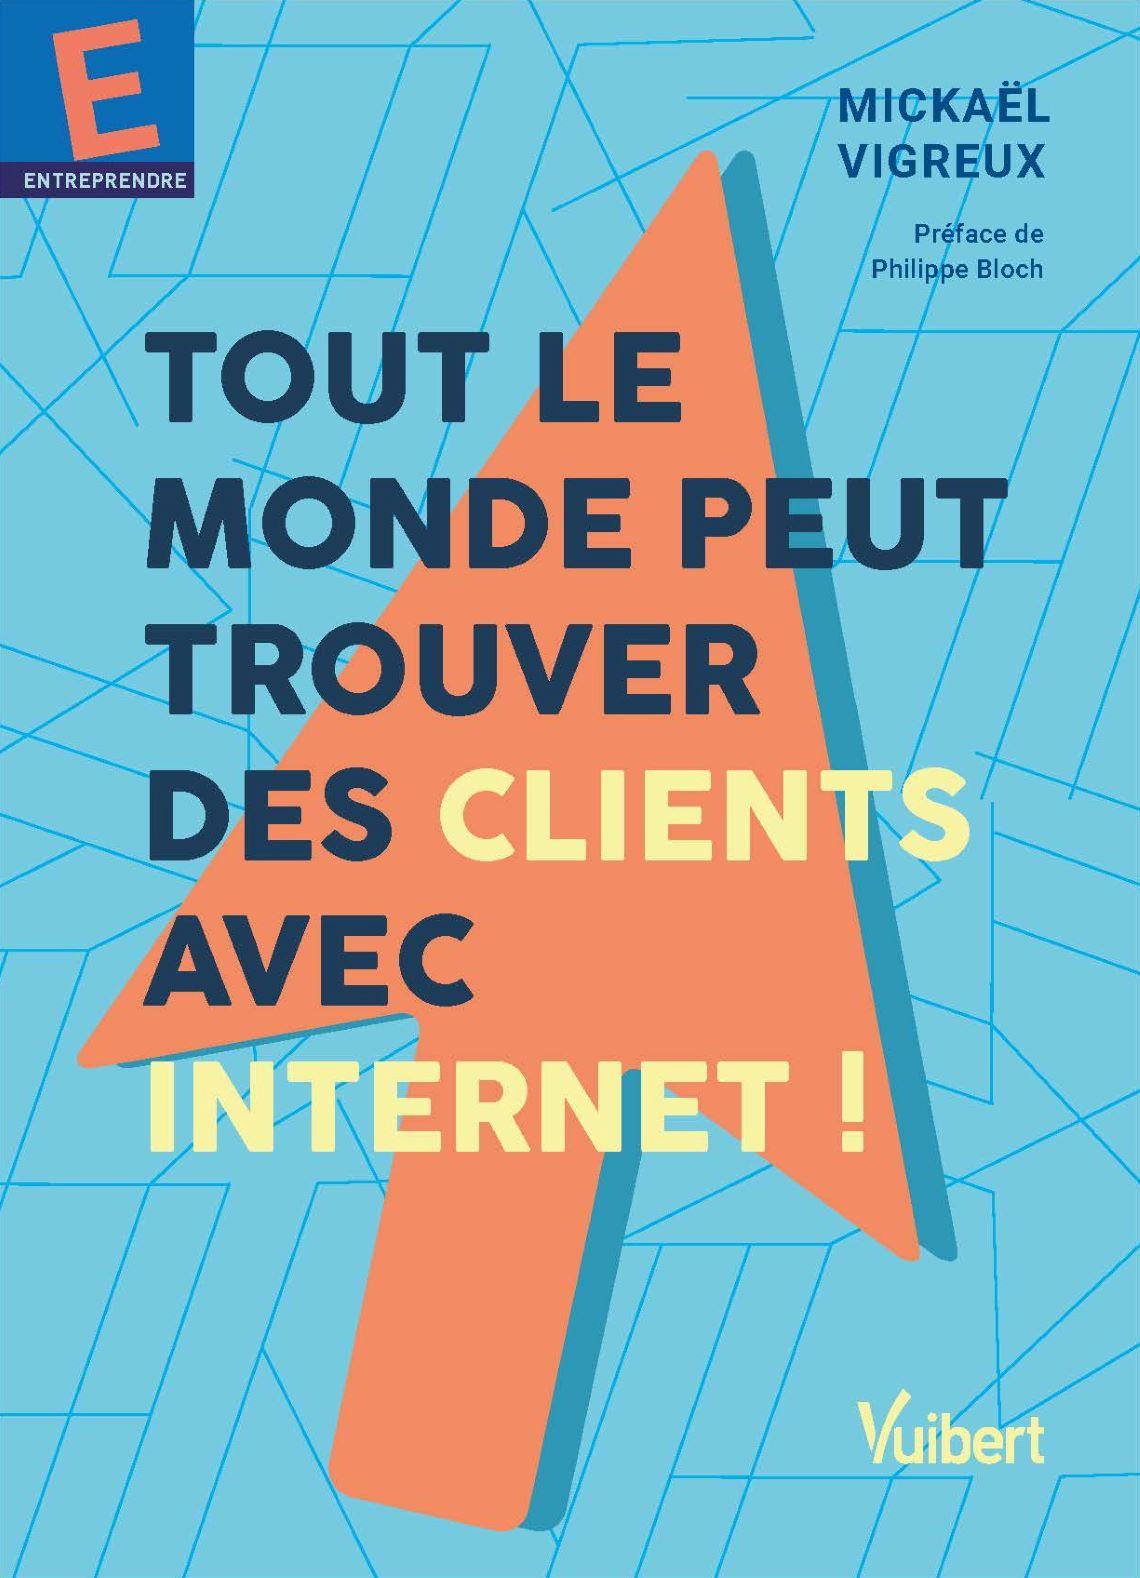 Couverture de Mickaël Vigreux, Tout le monde peut trouver des clients avec Internet !, éditions Vuibert, janvier 2021.